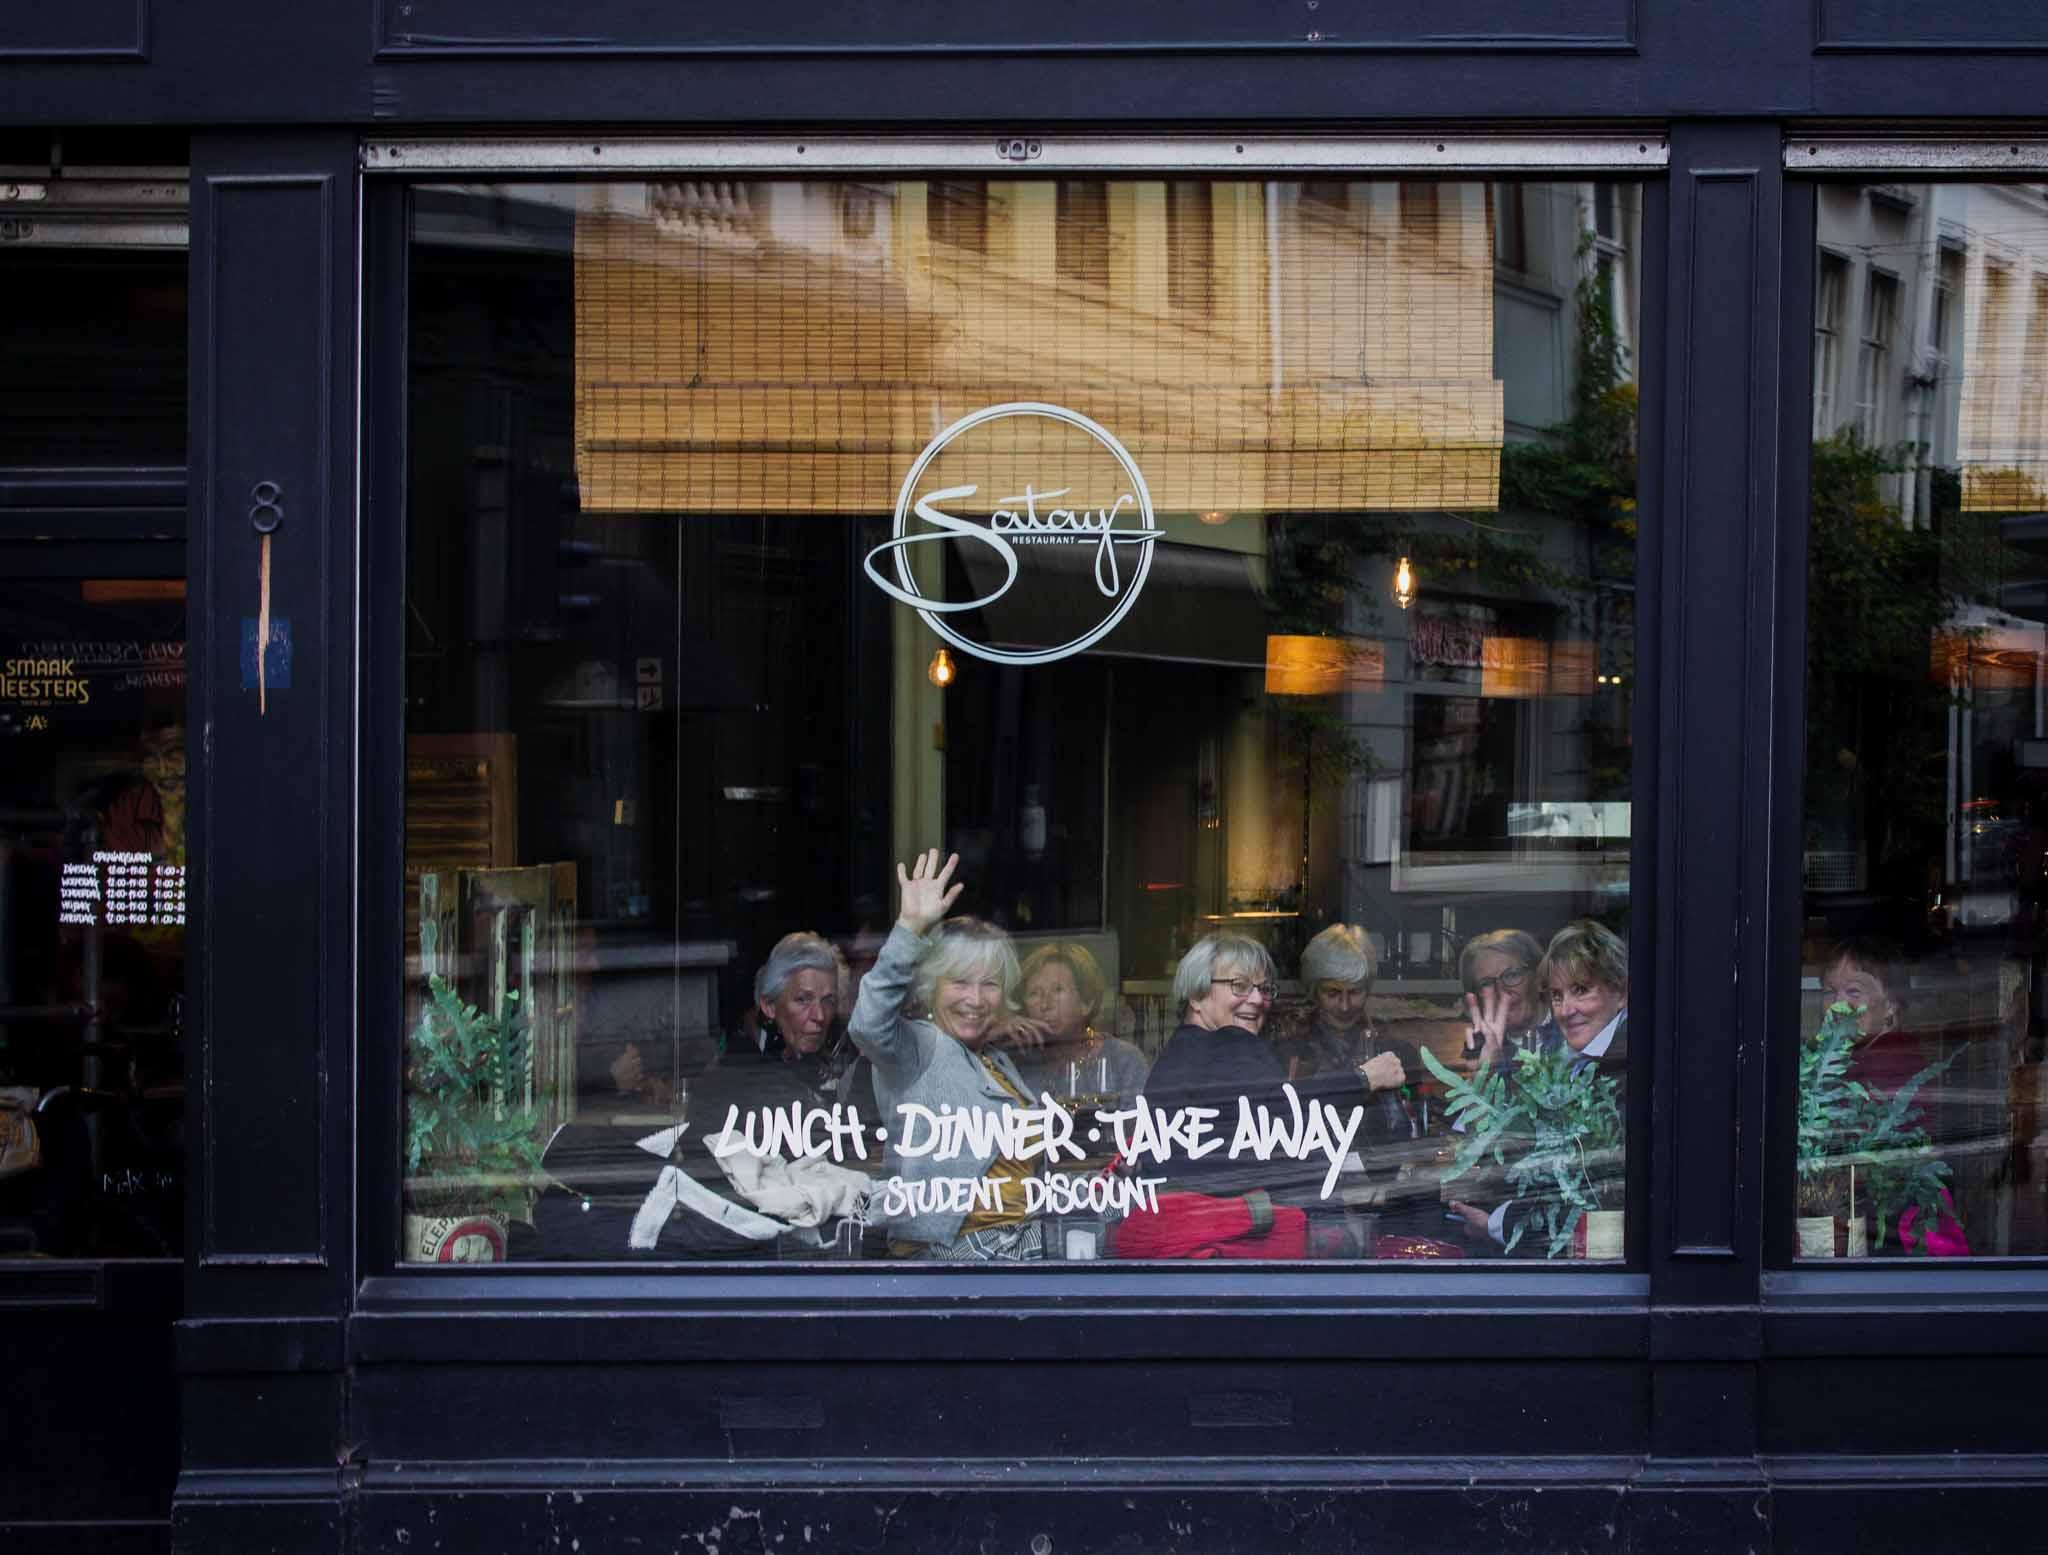 Clients in a Thai restaurant waving through the window